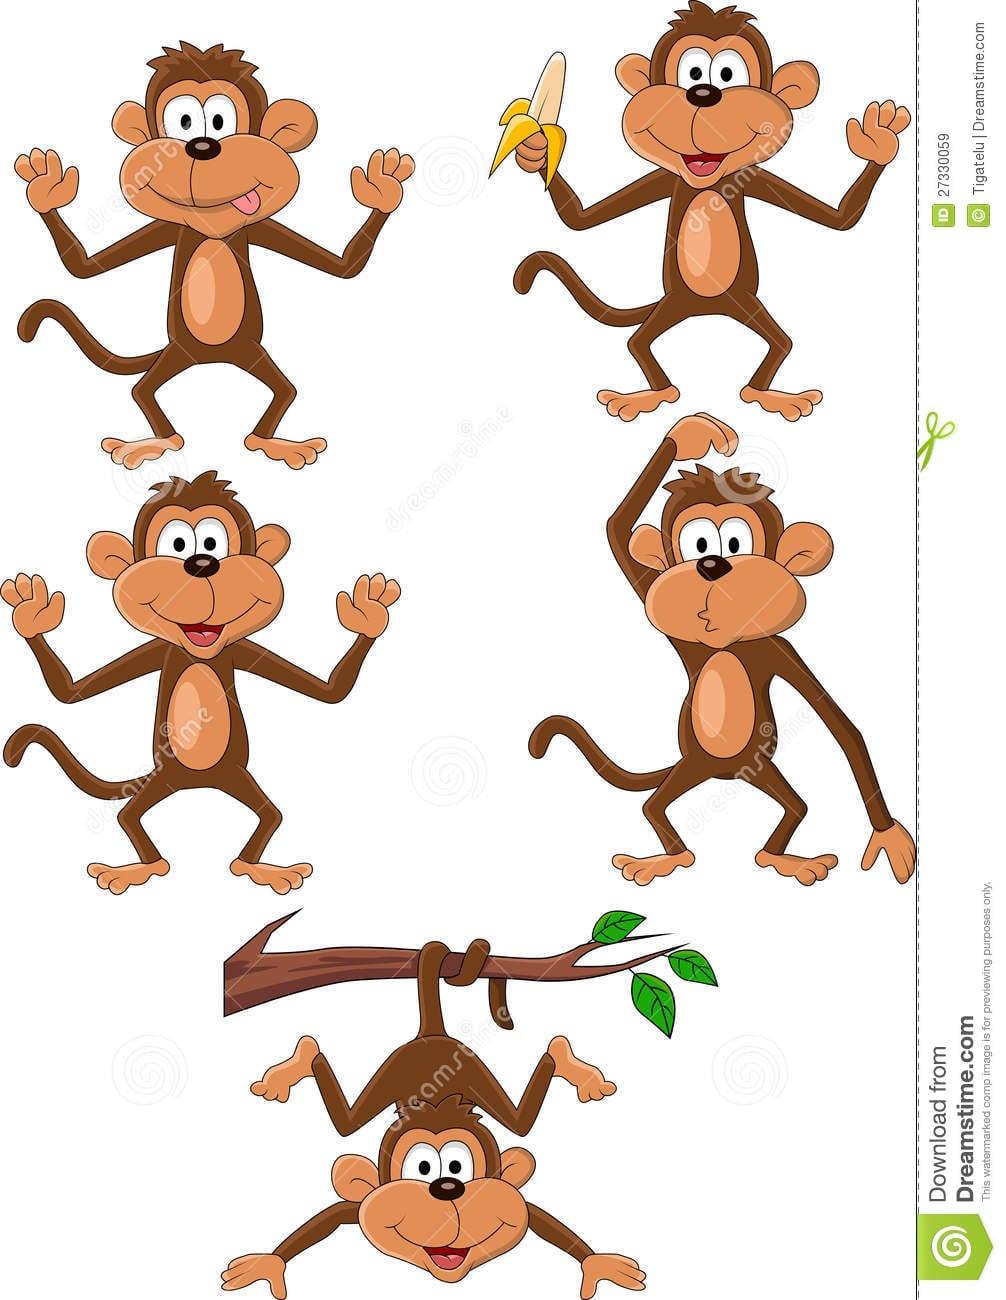 Jogo Dos Desenhos Animados Do Macaco Imagens De Stock Royalty Free